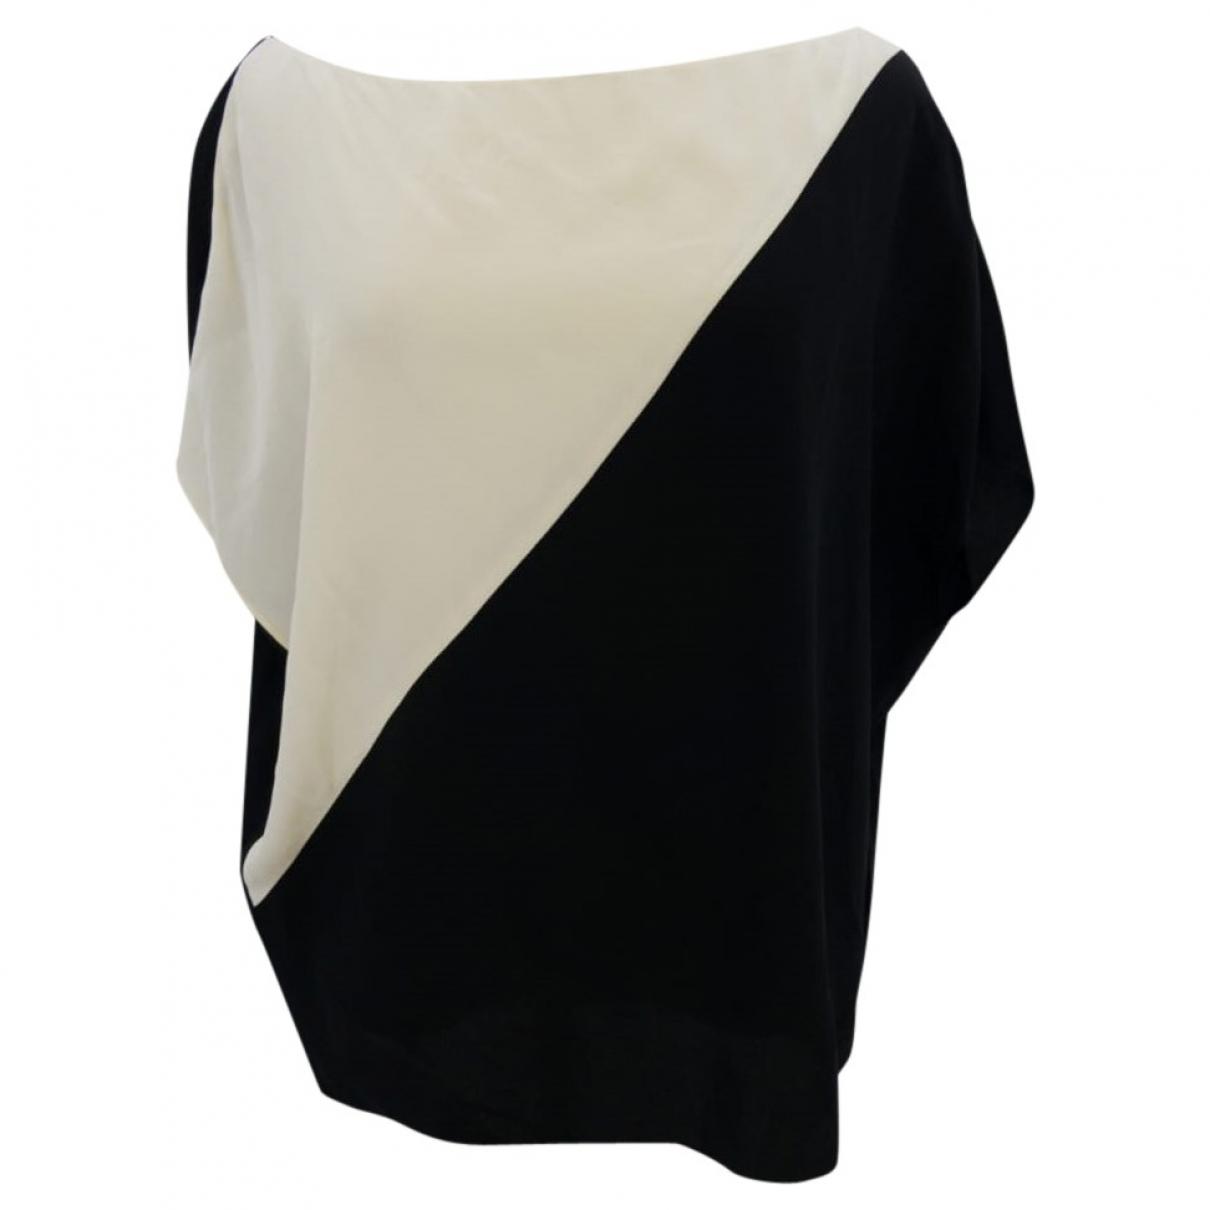 Lanvin - Top   pour femme en soie - multicolore